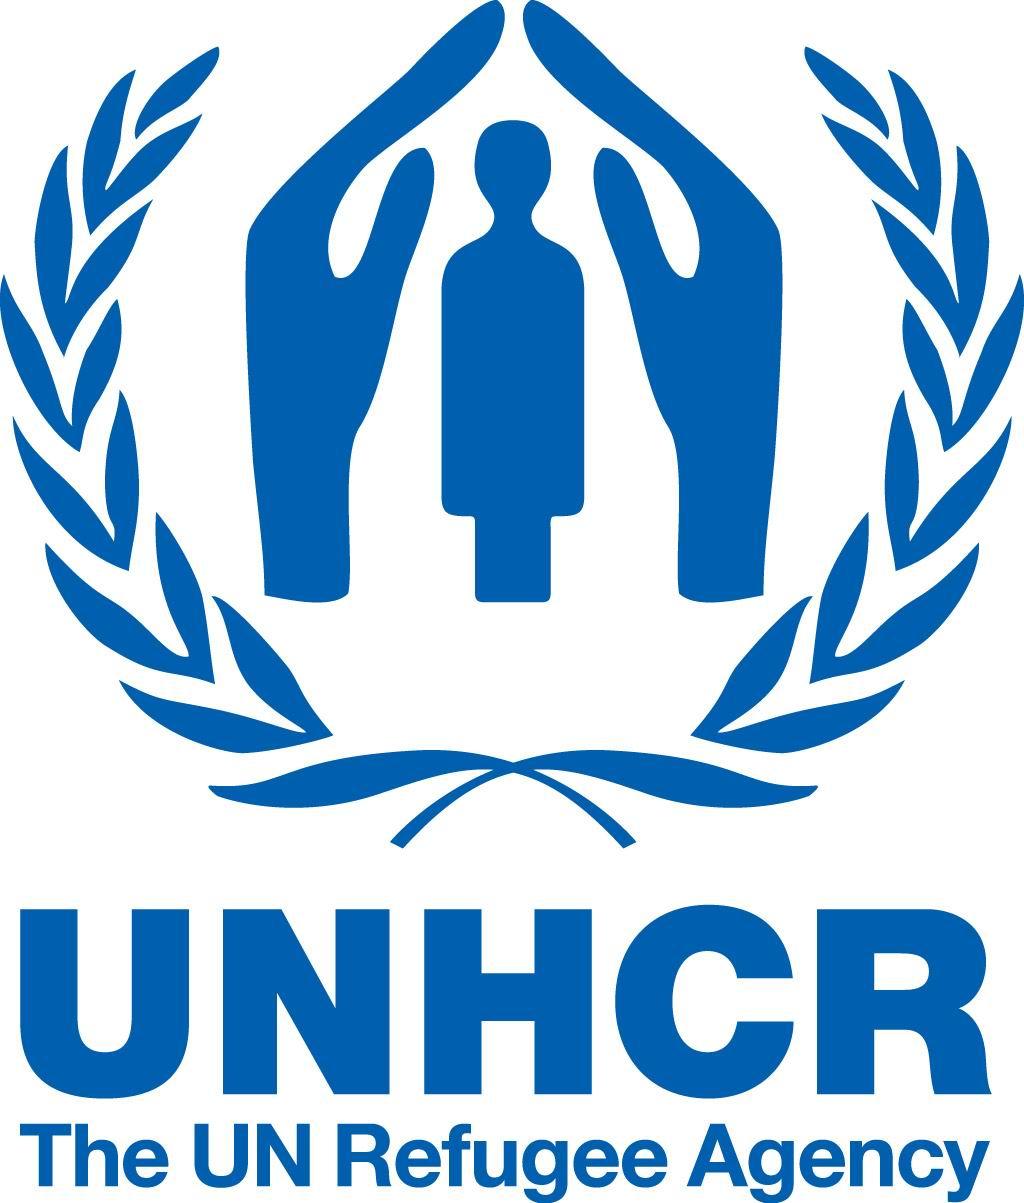 UNHCR _logo